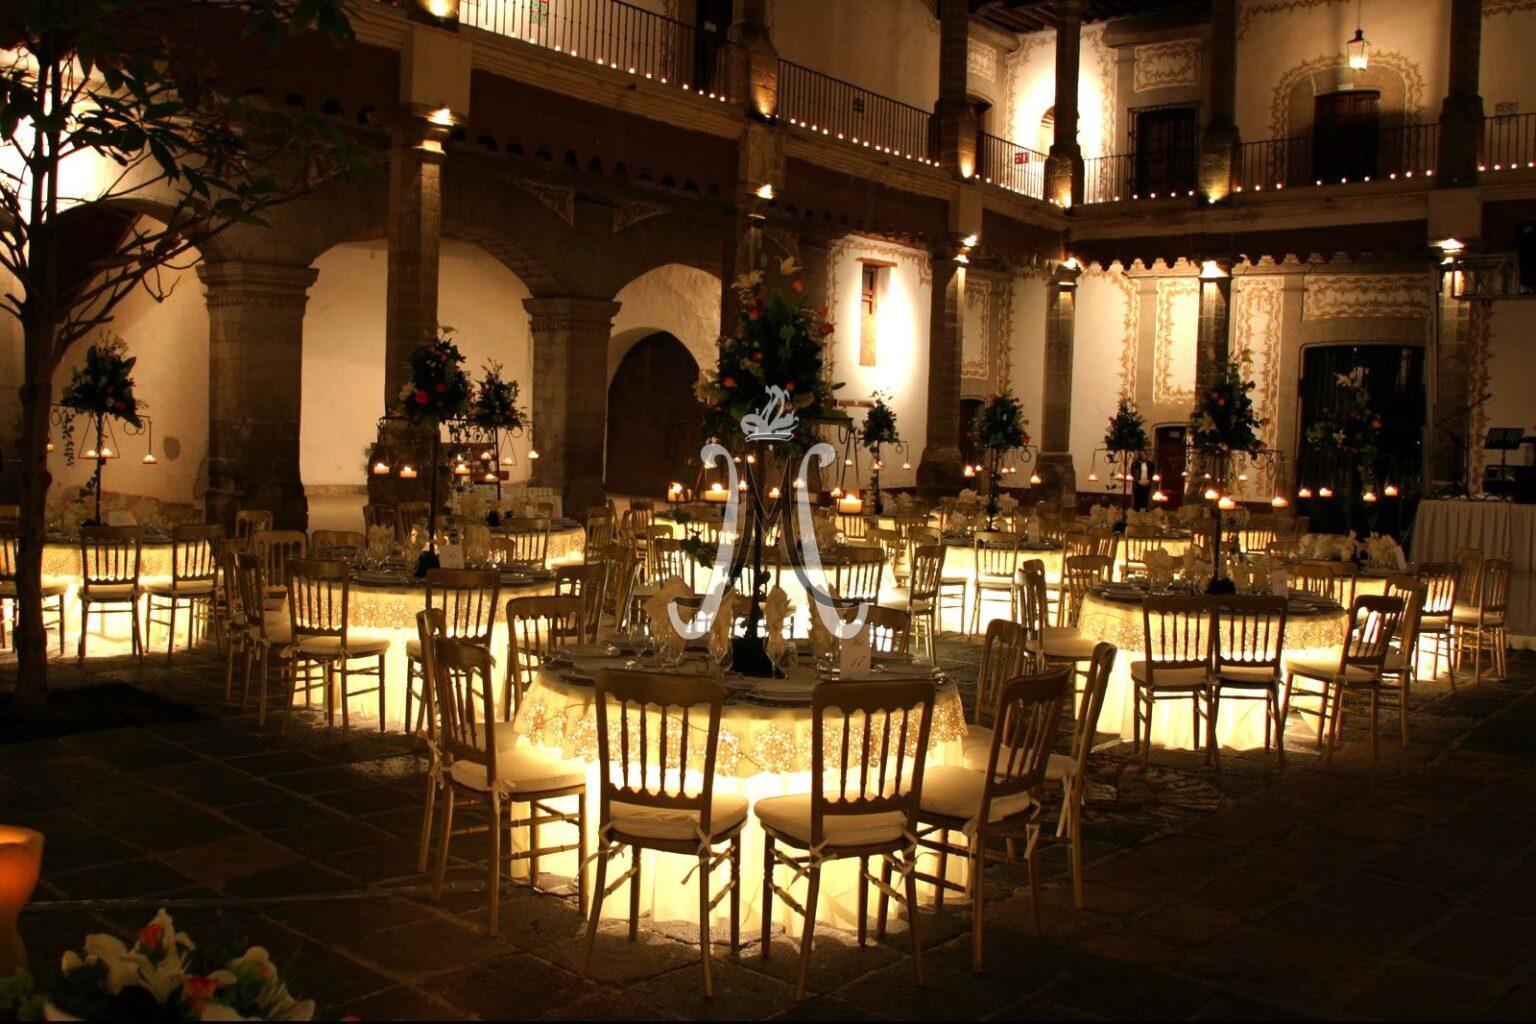 Hacienda santa m nica banquetes hada martens for Cox paint santa monica